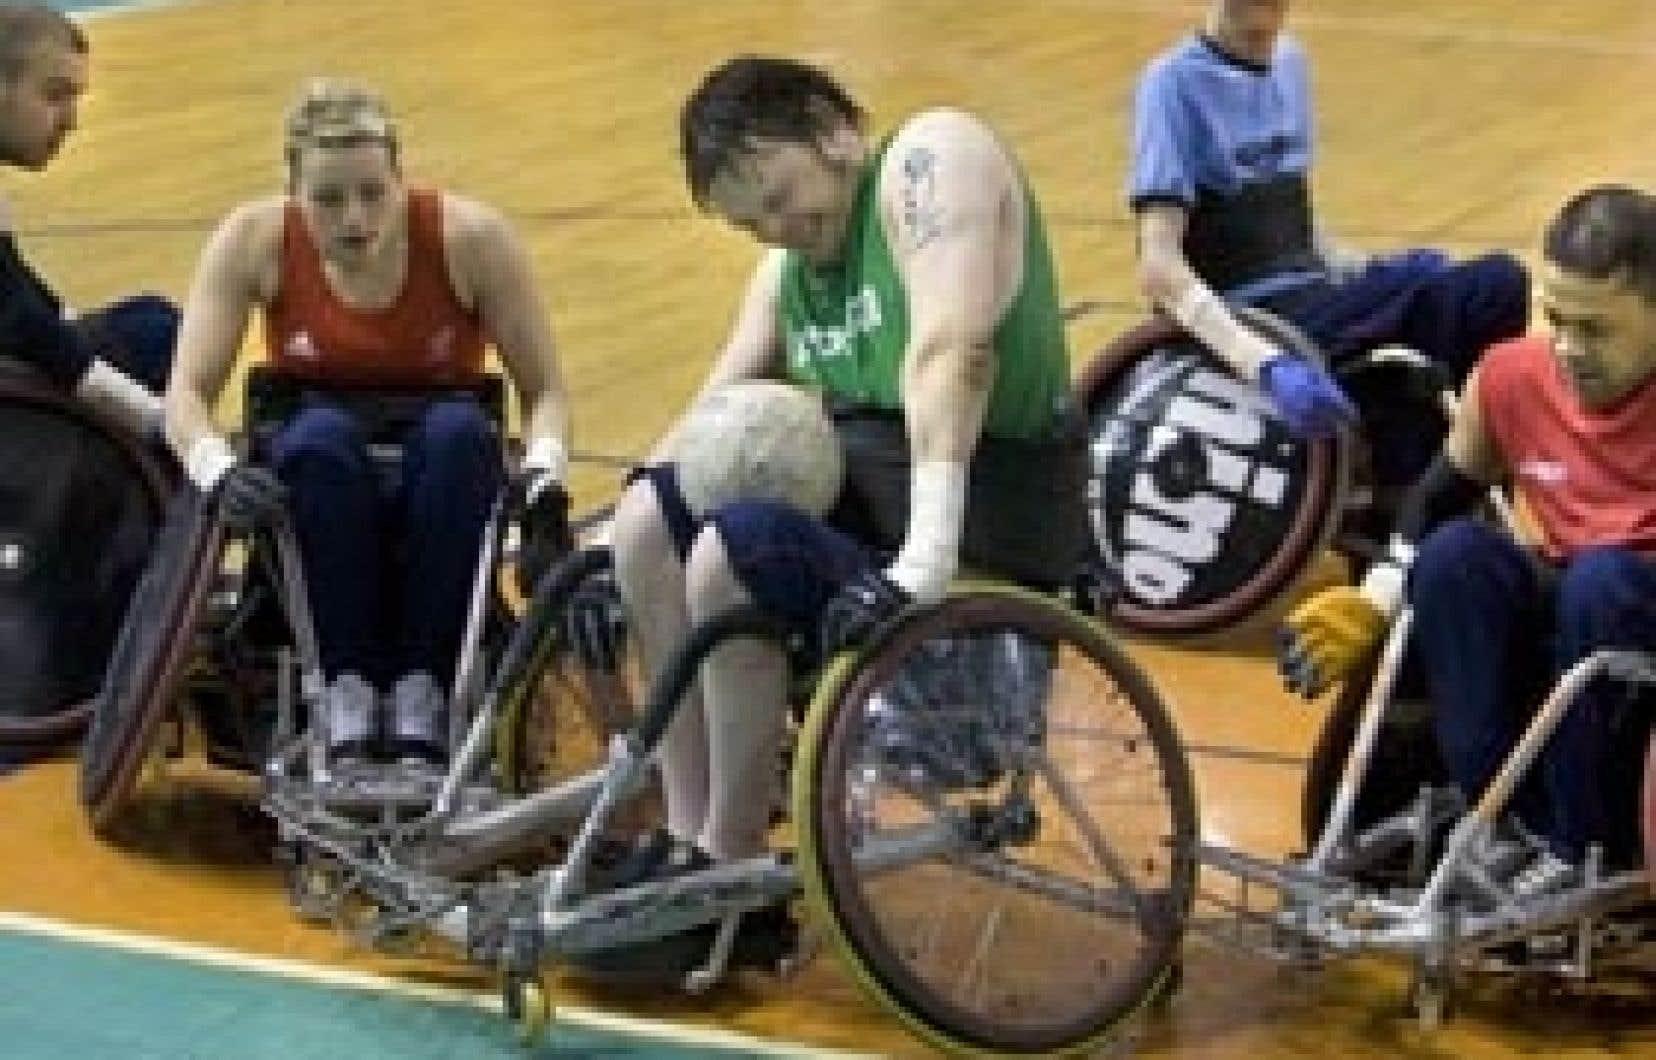 En possession du ballon et sous le regard de ses coéquipiers Jonathan Coogan et Josie Pearson, Jason Roberts tente de s'extirper d'une mêlée lors d'une séance d'entraînement de l'équipe britannique de rugby en fauteuil roulant GB All-Star